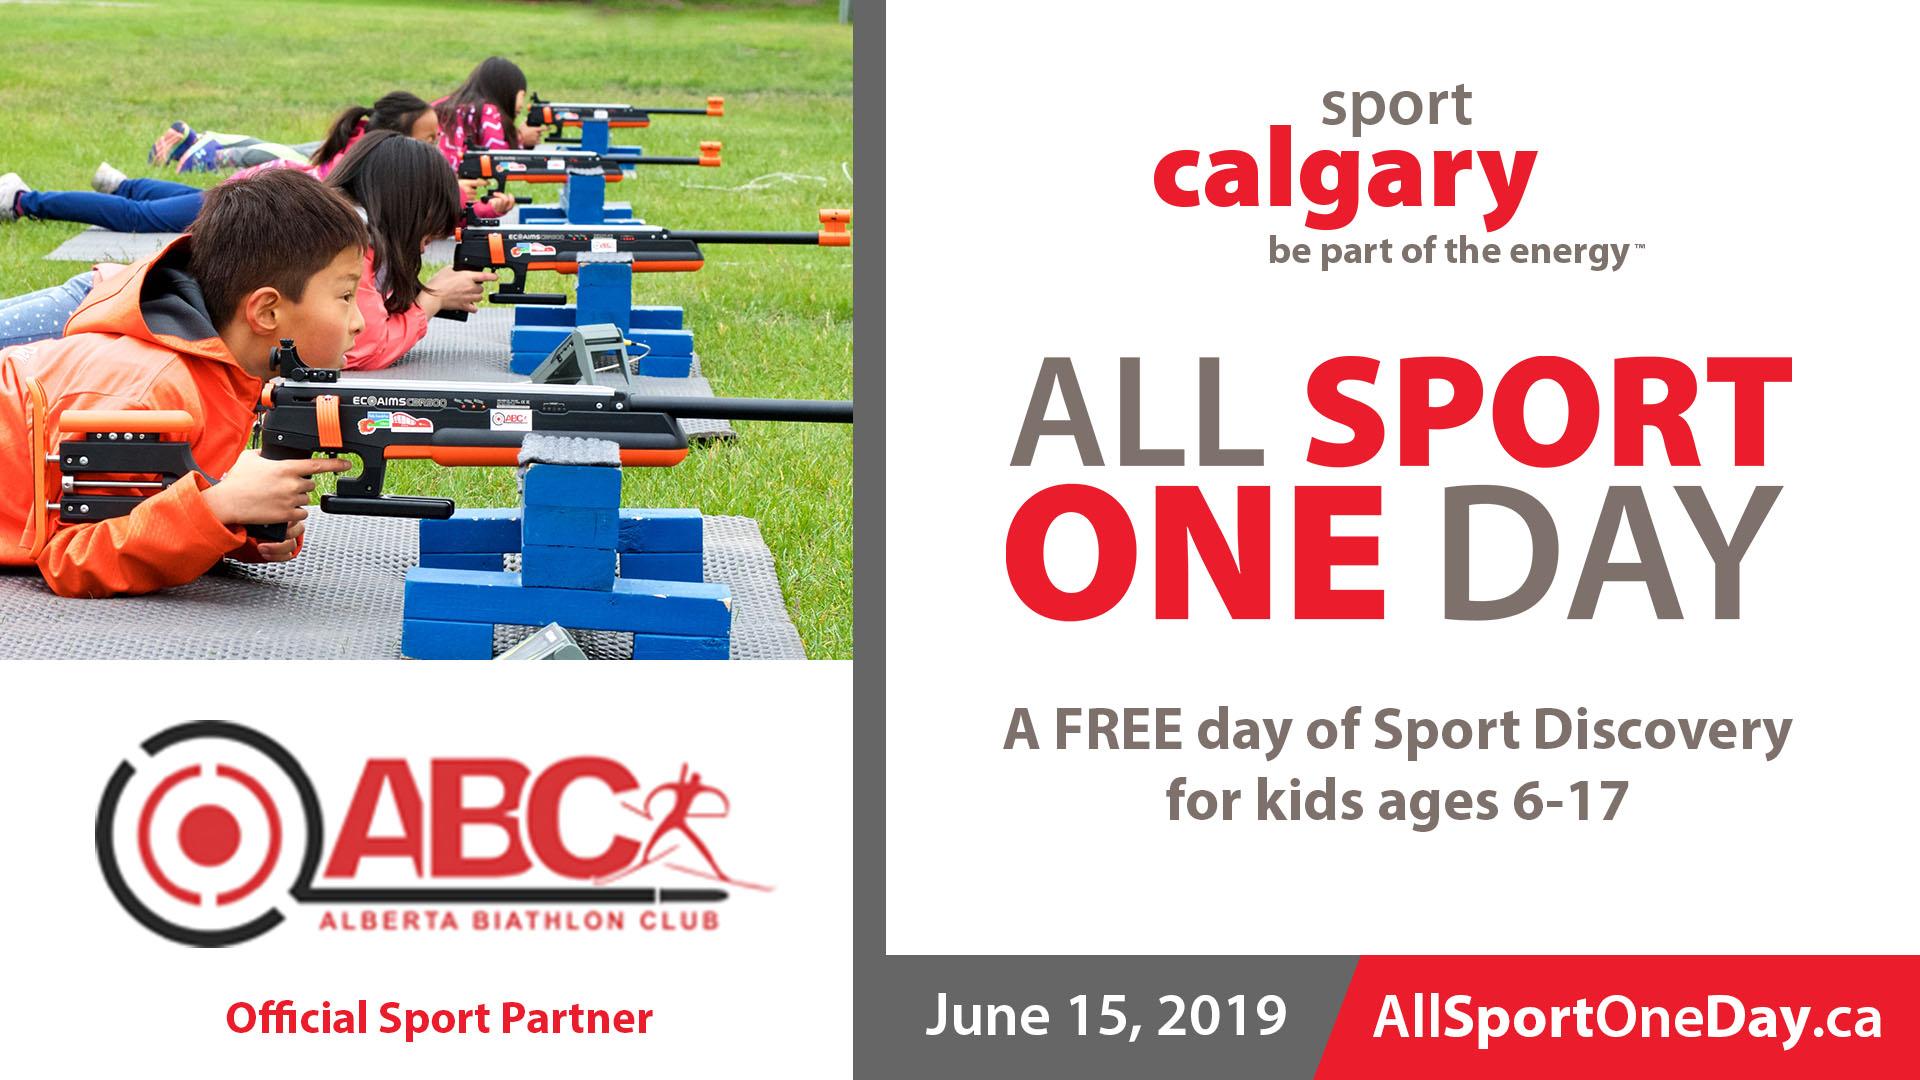 Alberta Biathlon Club - ASOD 2019_1920x1080.jpg